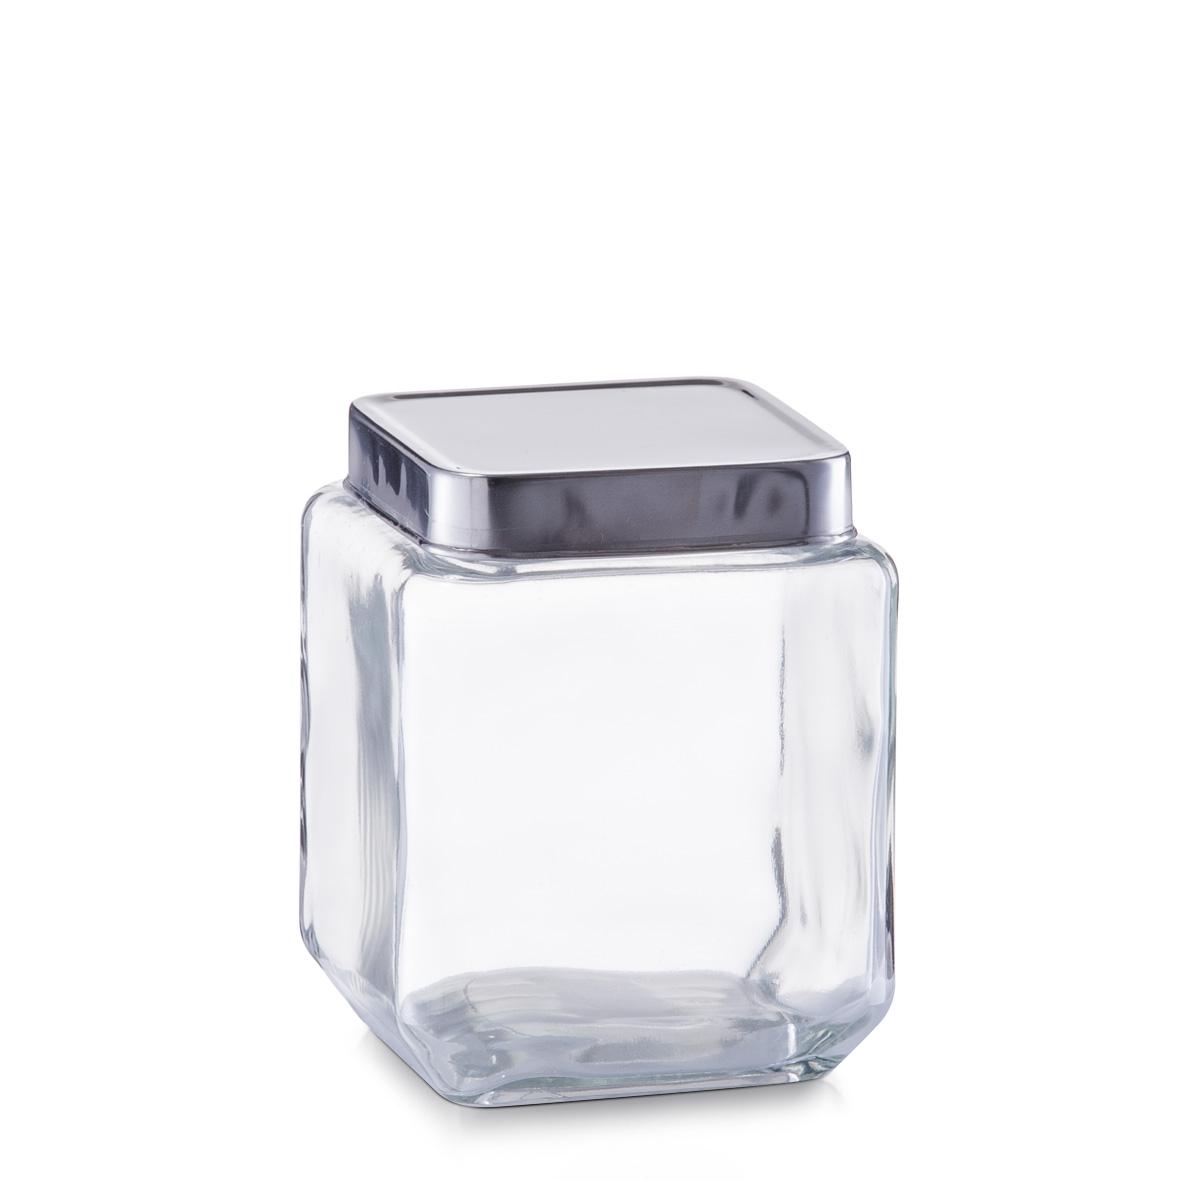 Borcan pentru depozitare Box, capac inox, Glass 1100 ml, l11xA11xH14 cm somproduct.ro